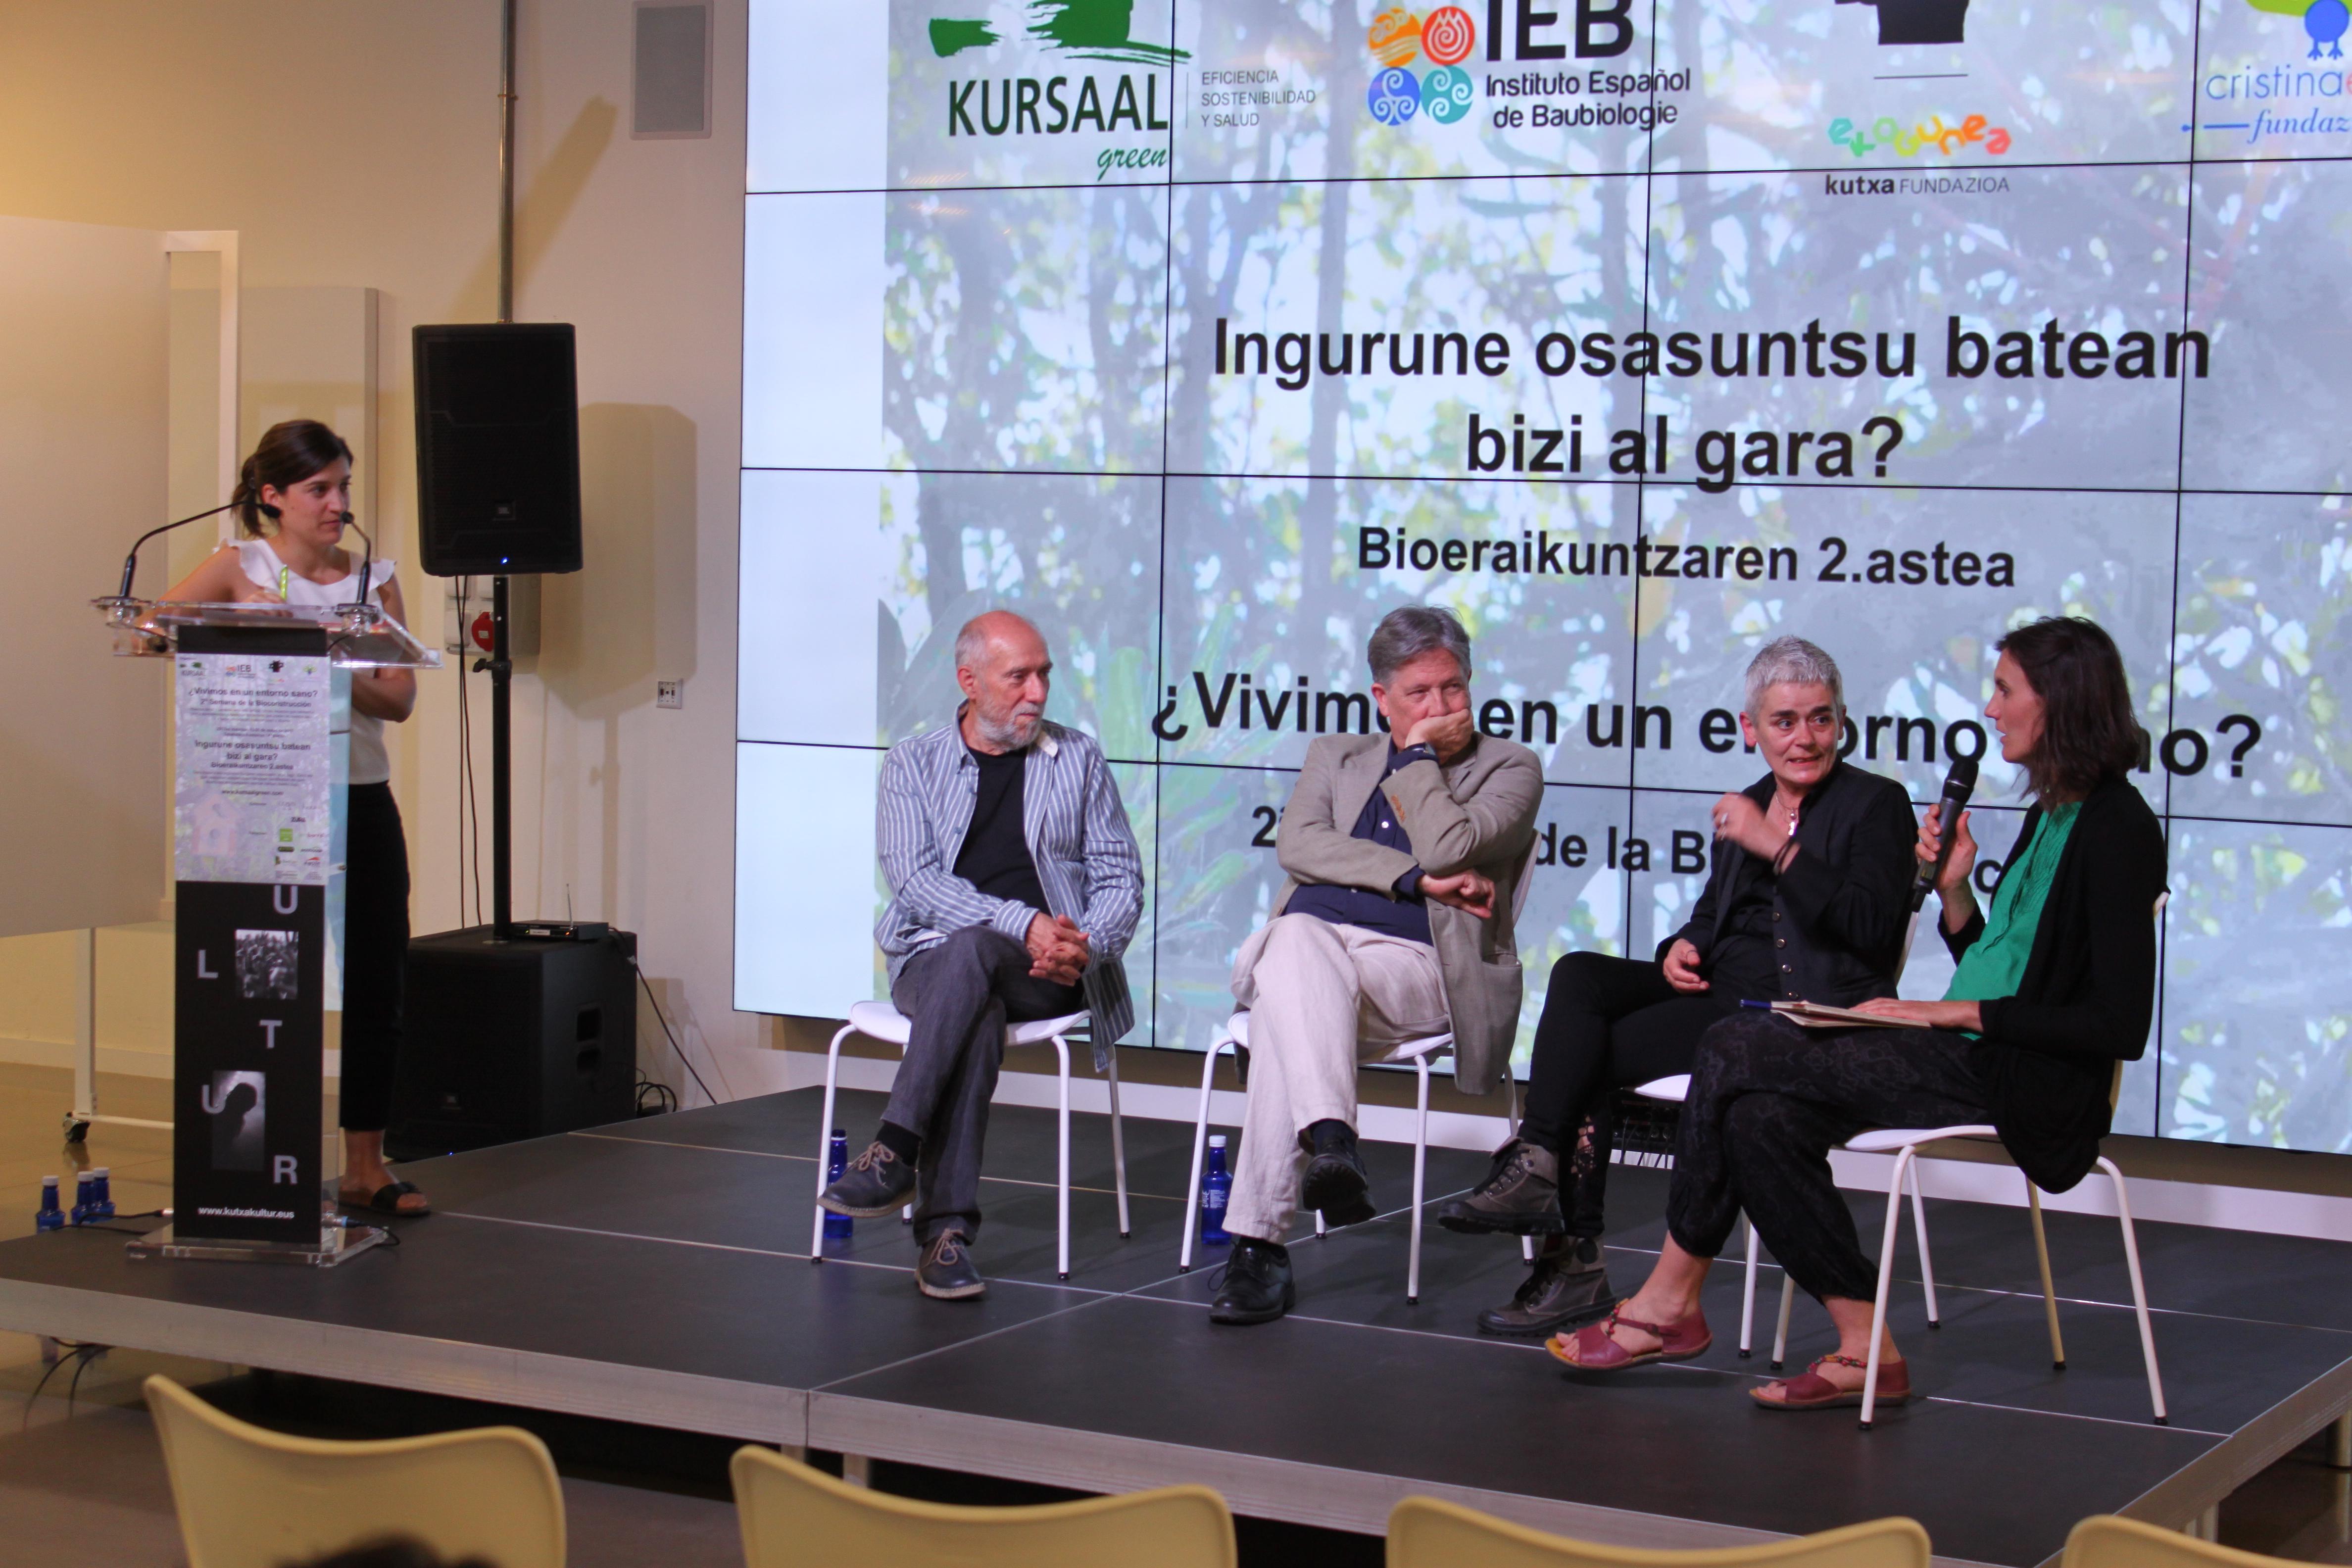 imagen 4 de noticia: inauguramos-la-2-semana-de-la-bioconstruccin-organizada-por-kursaal-green-ieb-cristina-enea-y-ekogunea